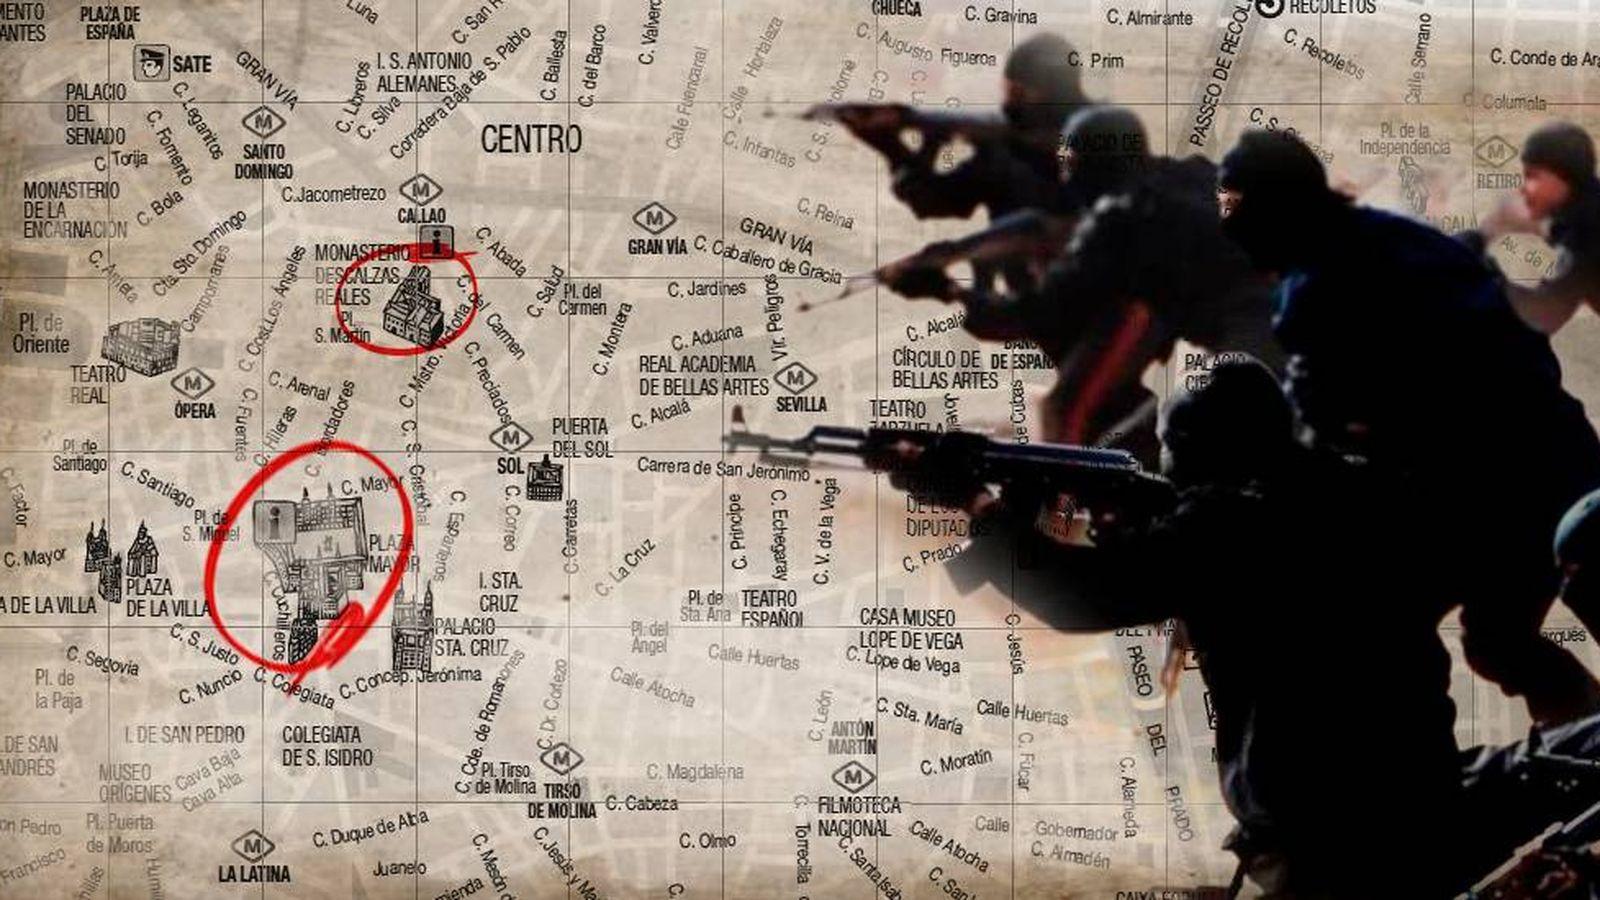 Foto: El ISIS planea ataques en todo el suelo europeo con camiones bomba conducidos por suicidas. (EC)